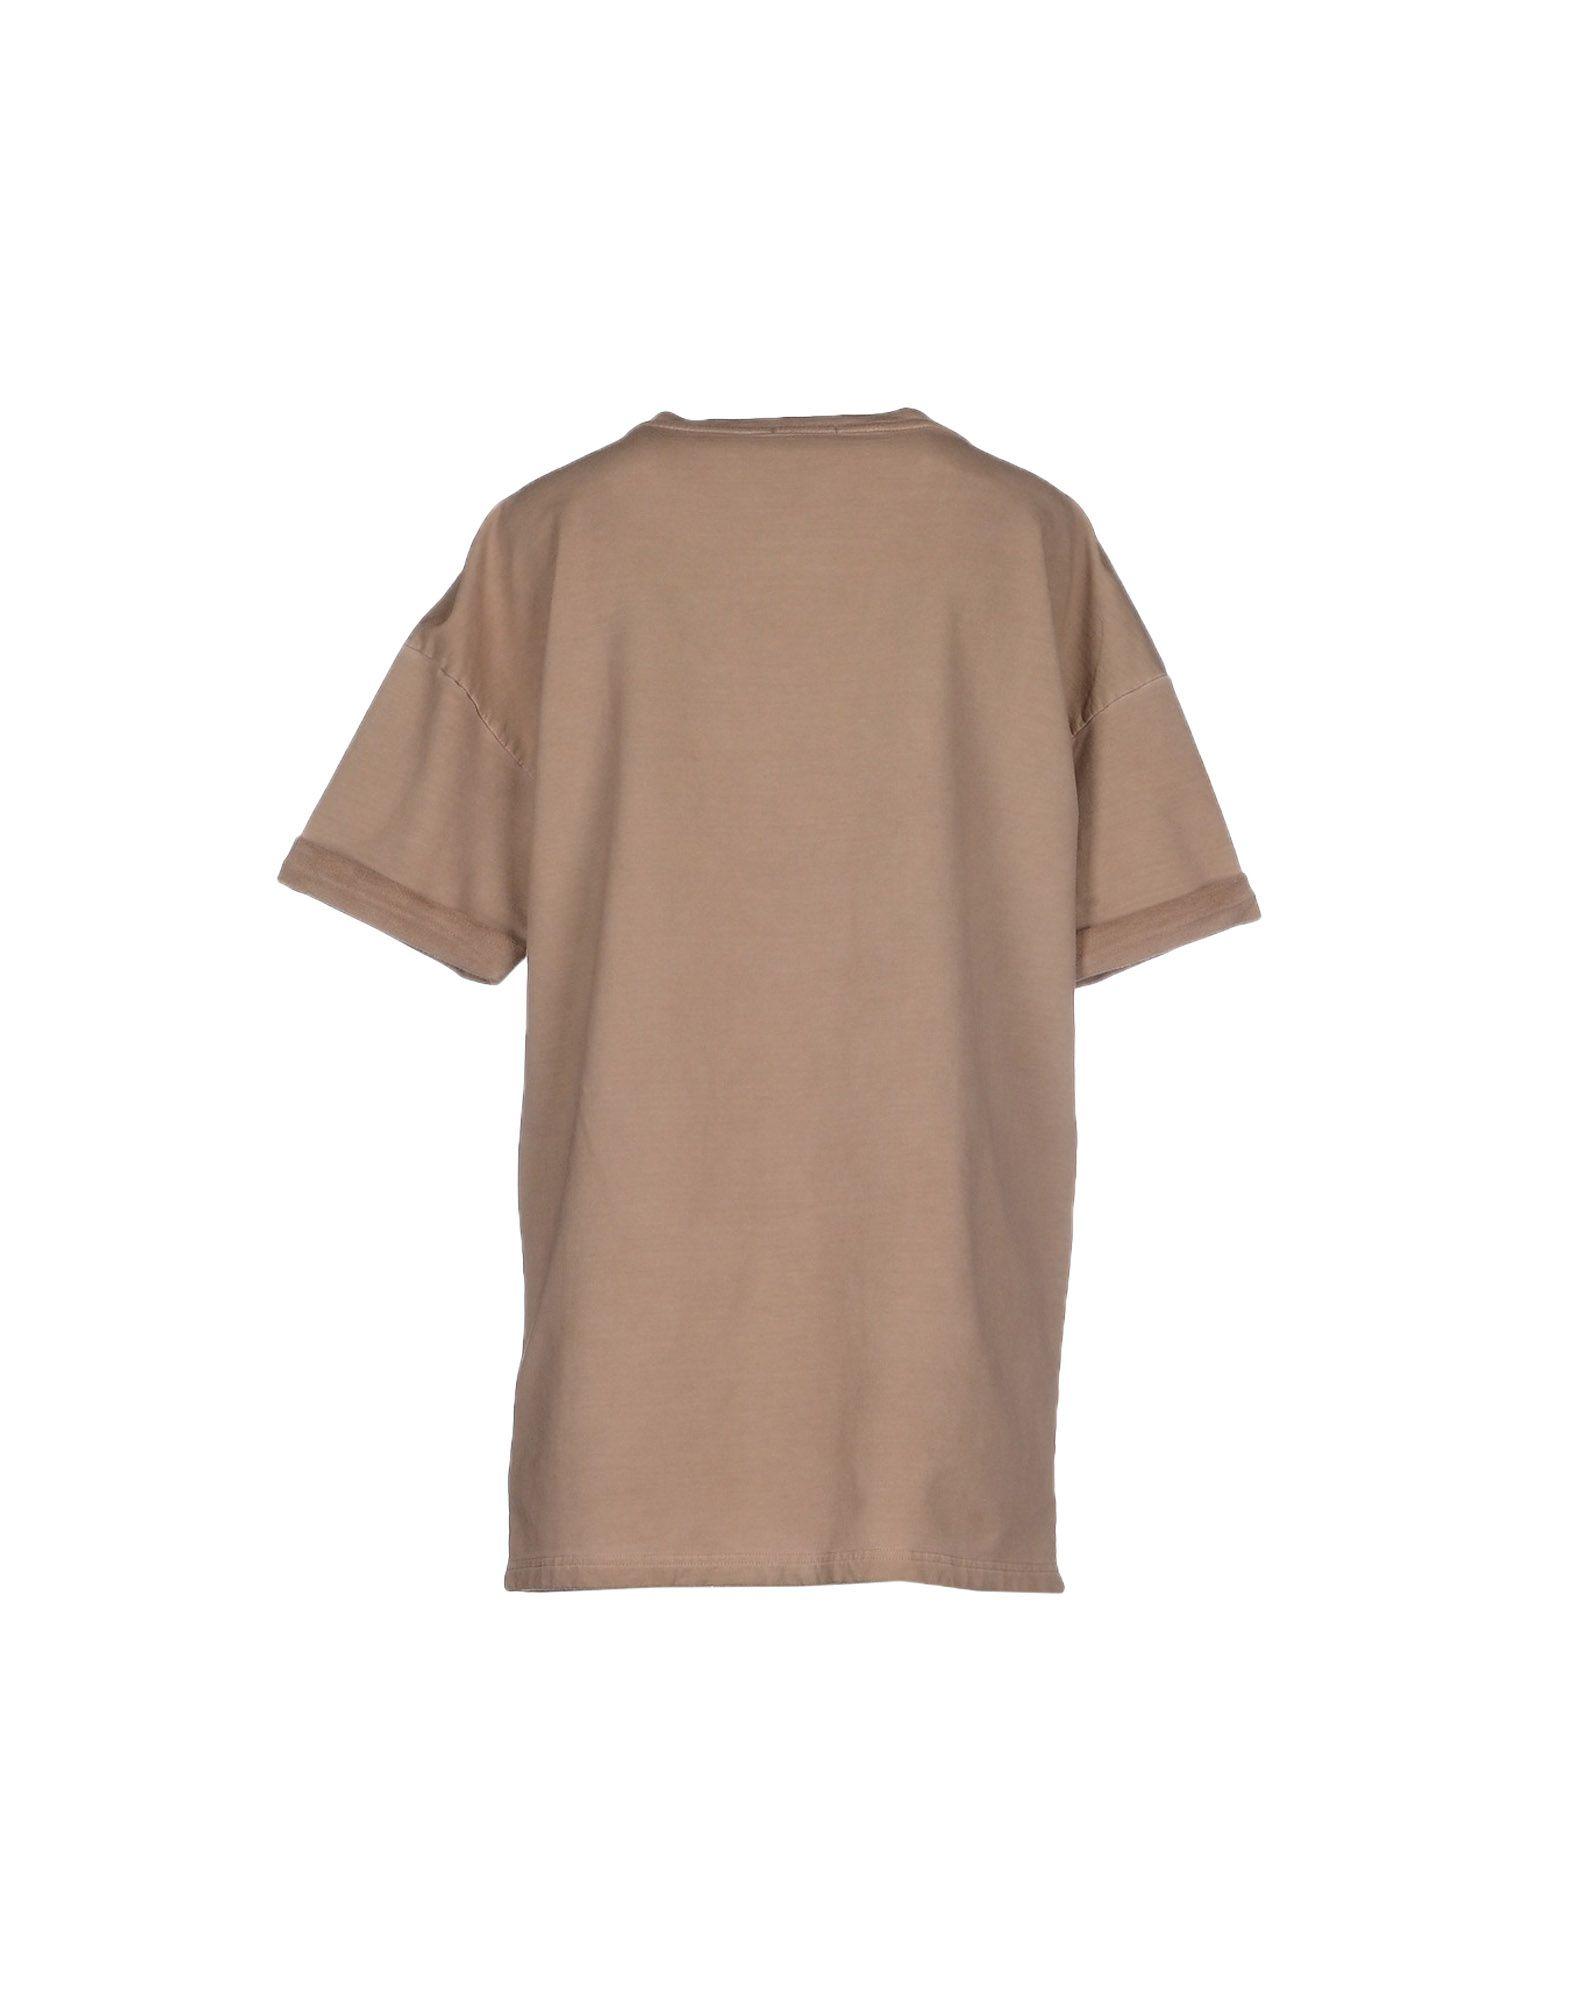 DRESSES - Short dresses Lerock Outlet Cheap Prices Exclusive Sale Online Buy Cheap Supply Marketable E2L8jVn